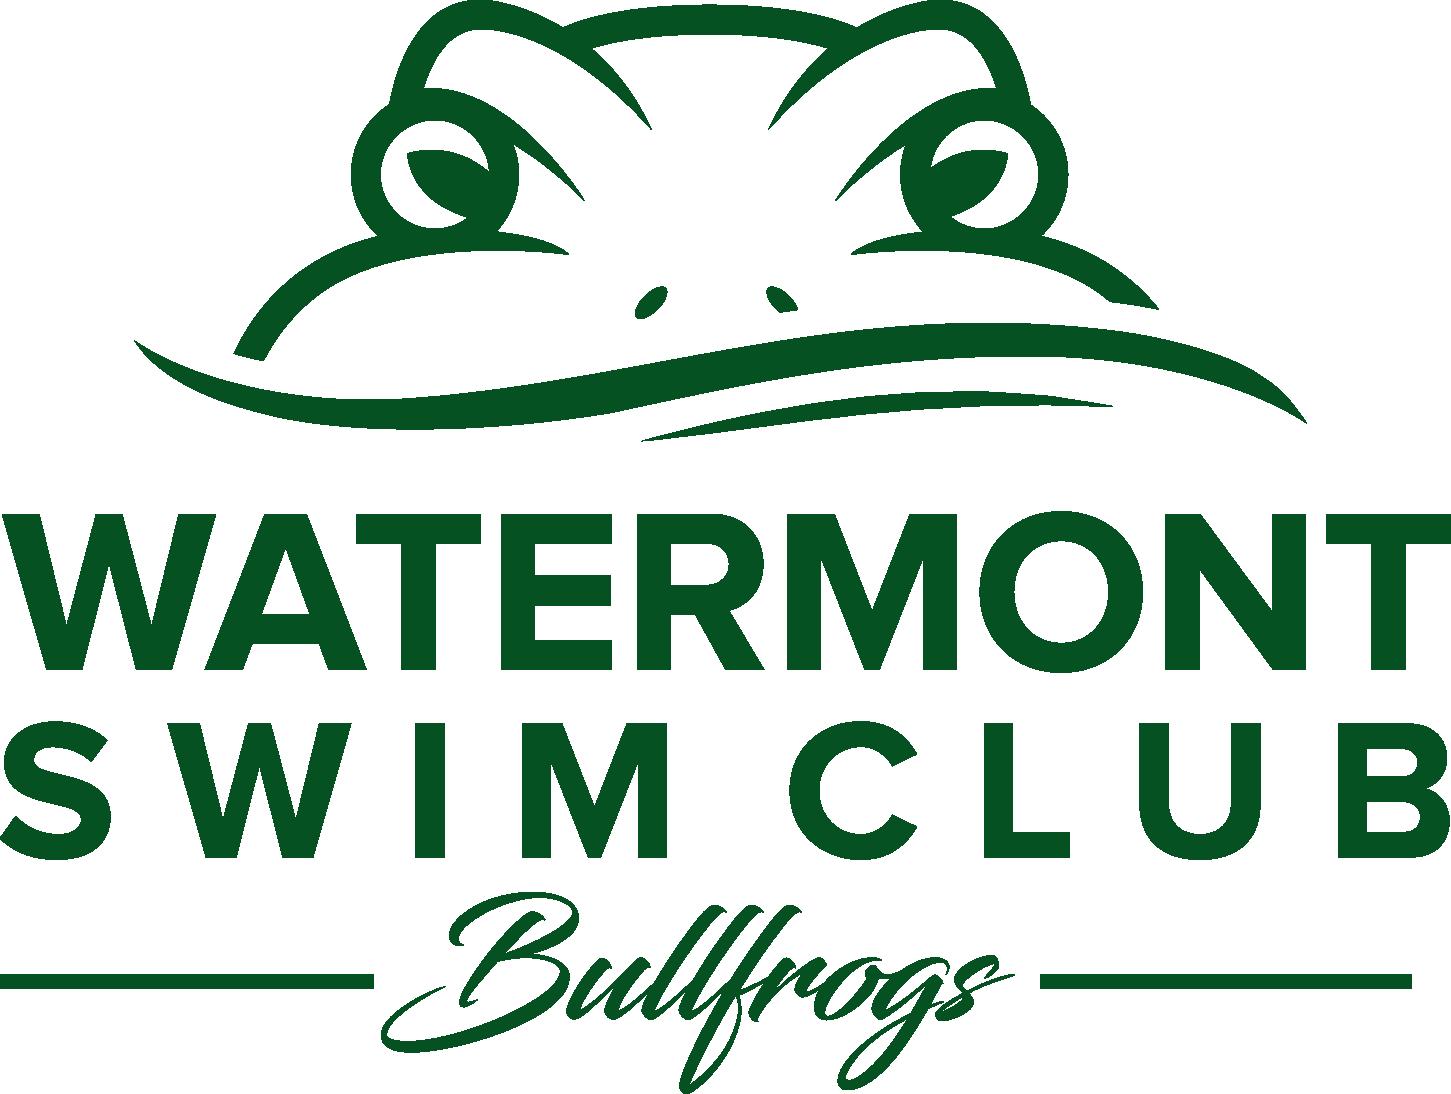 Watermont Swim Club